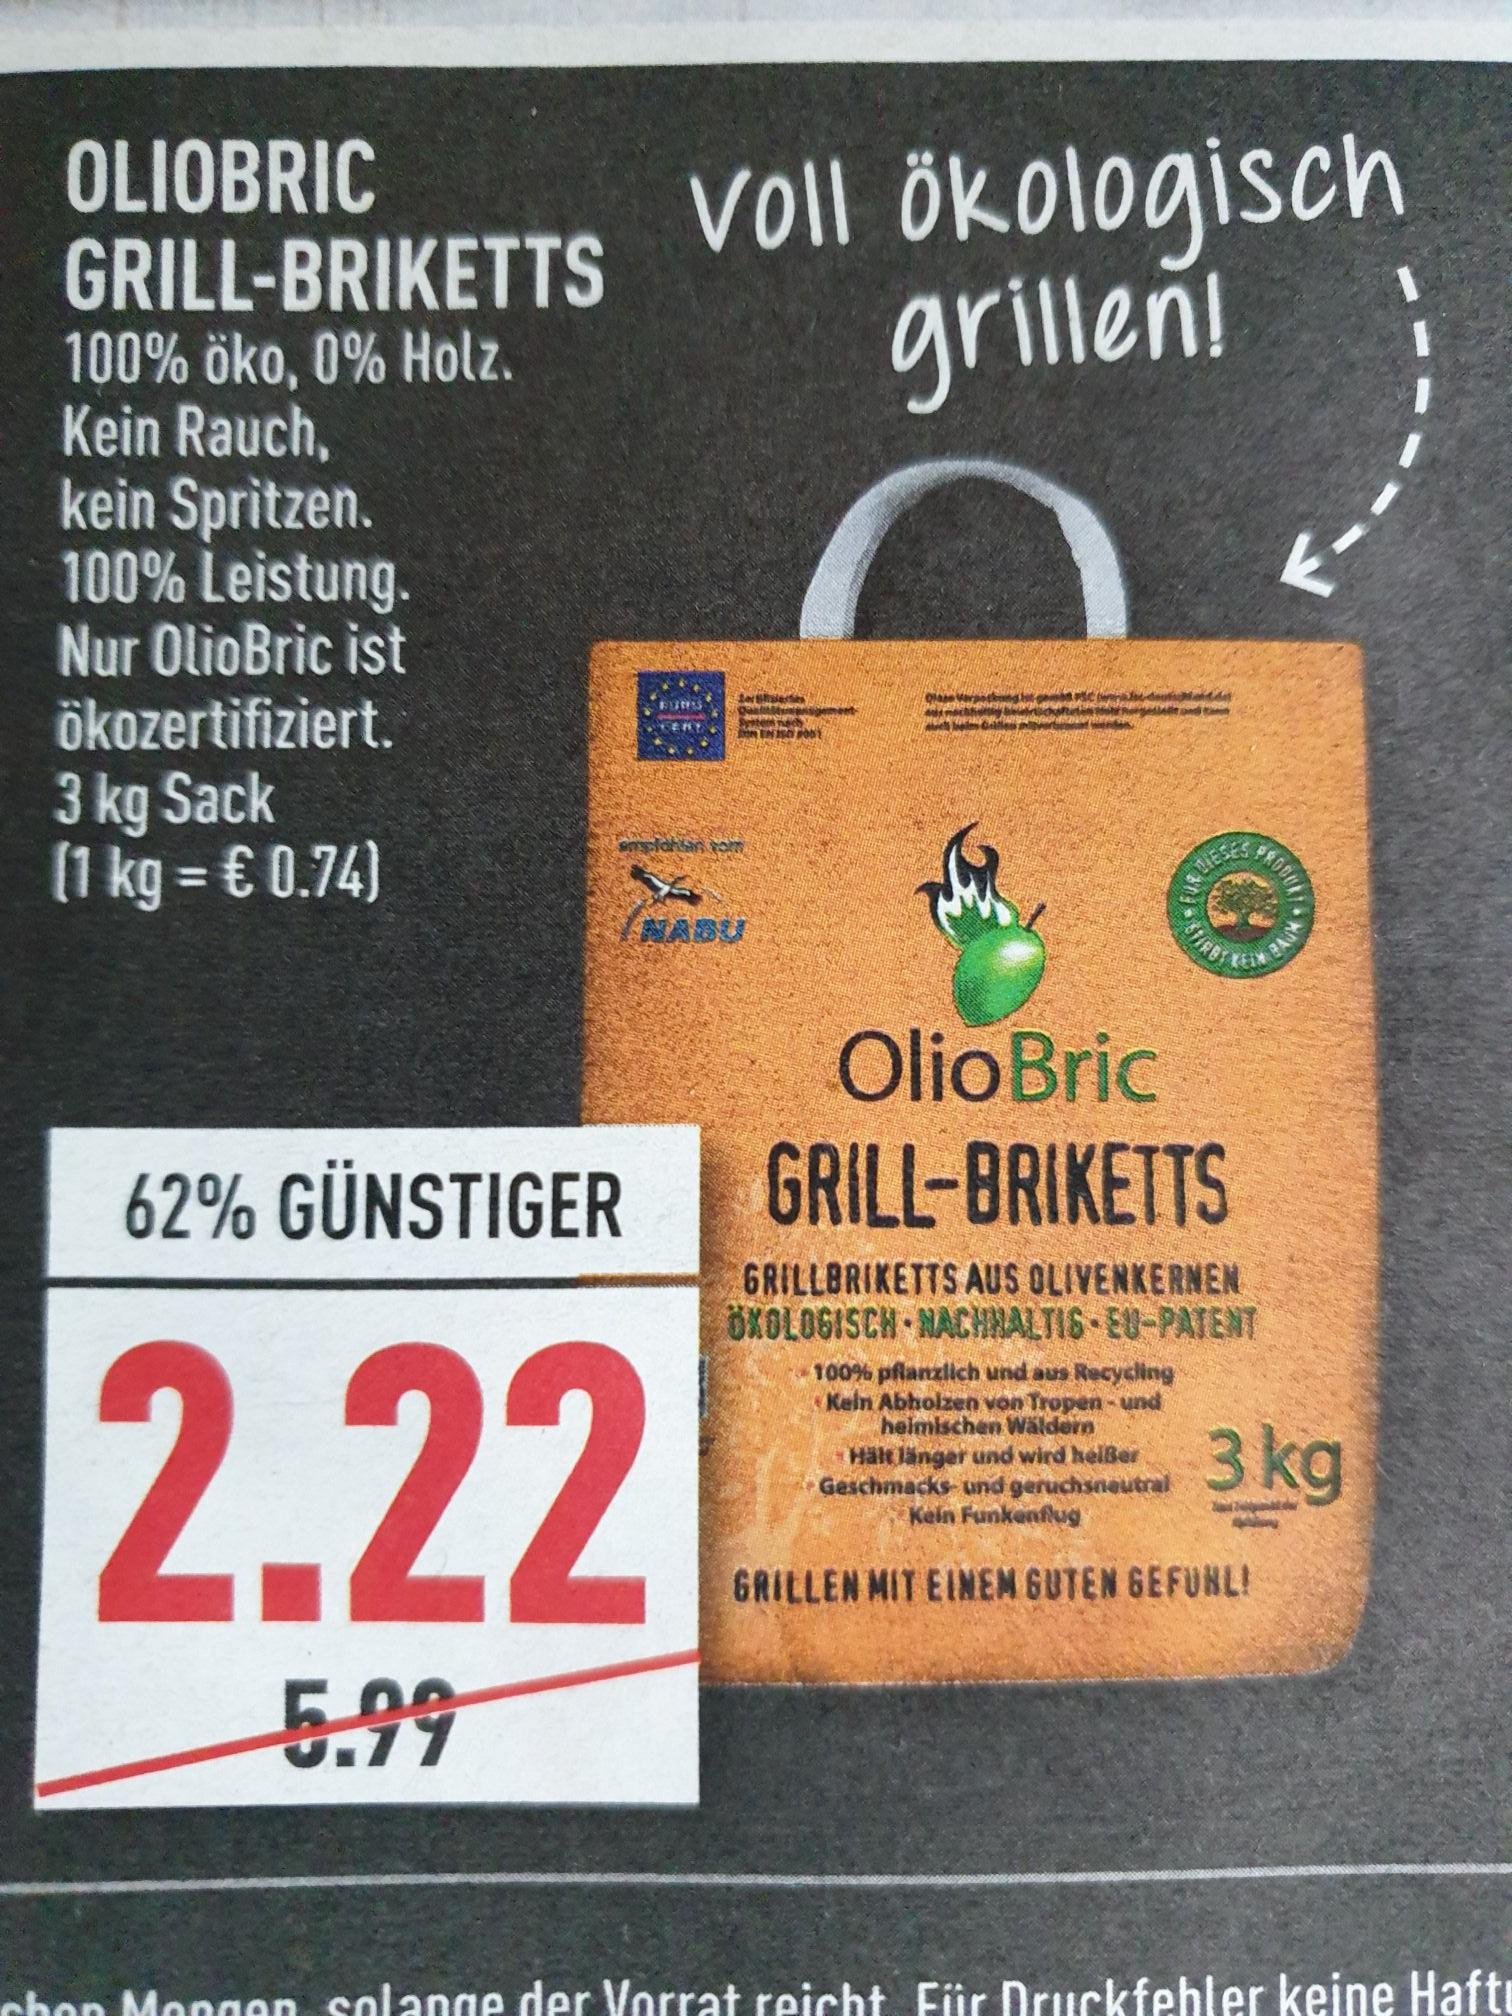 (Marktkauf) Olio Bric Grill- Briketts 100% öko + rauchfrei für 2,22€  evtl. regional